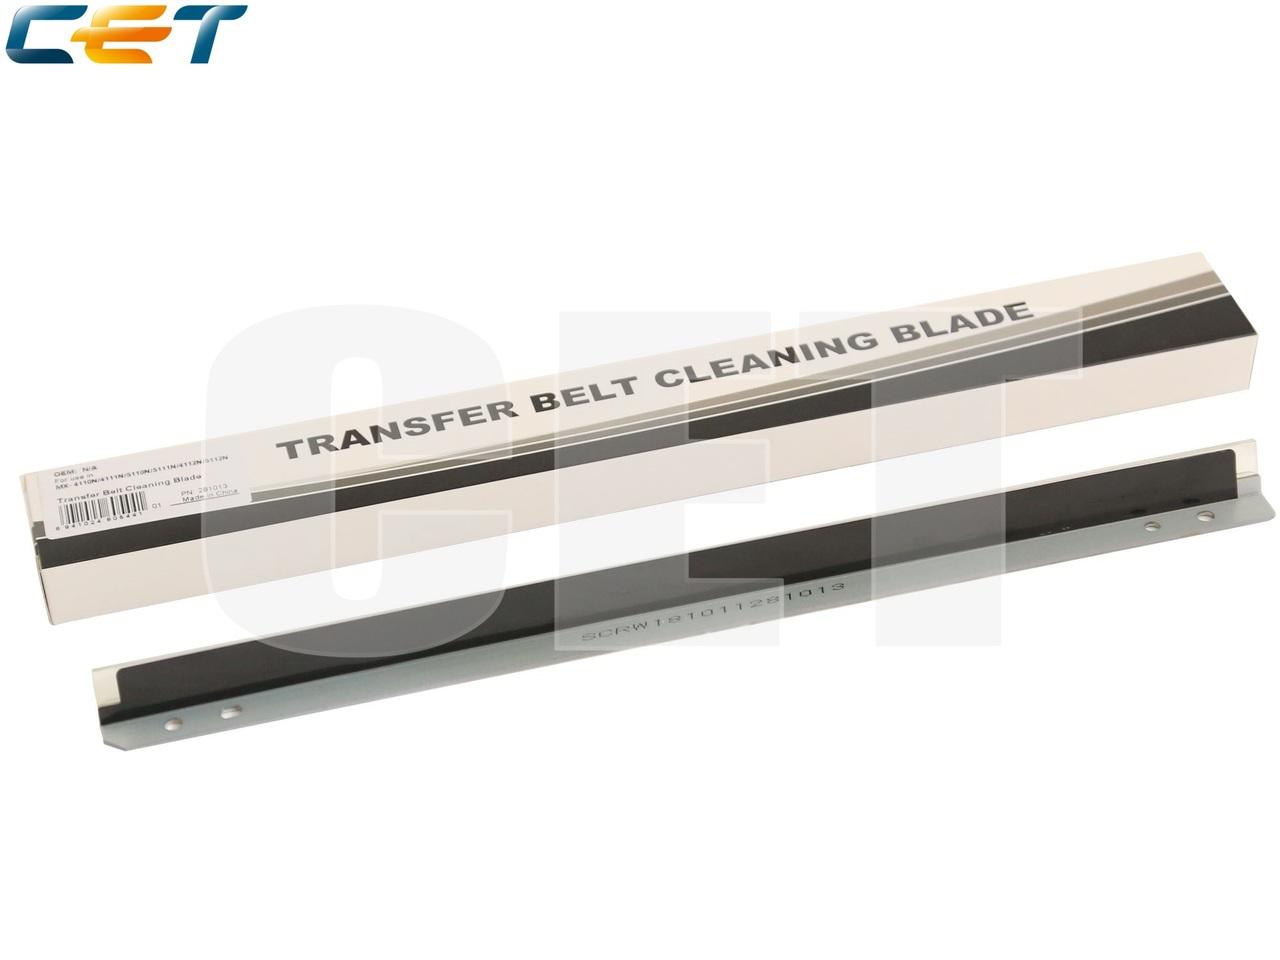 Лезвие очистки ленты переноса CCLEZ0221FC31 для SHARPMX-2310/5110N (CET), CET281013